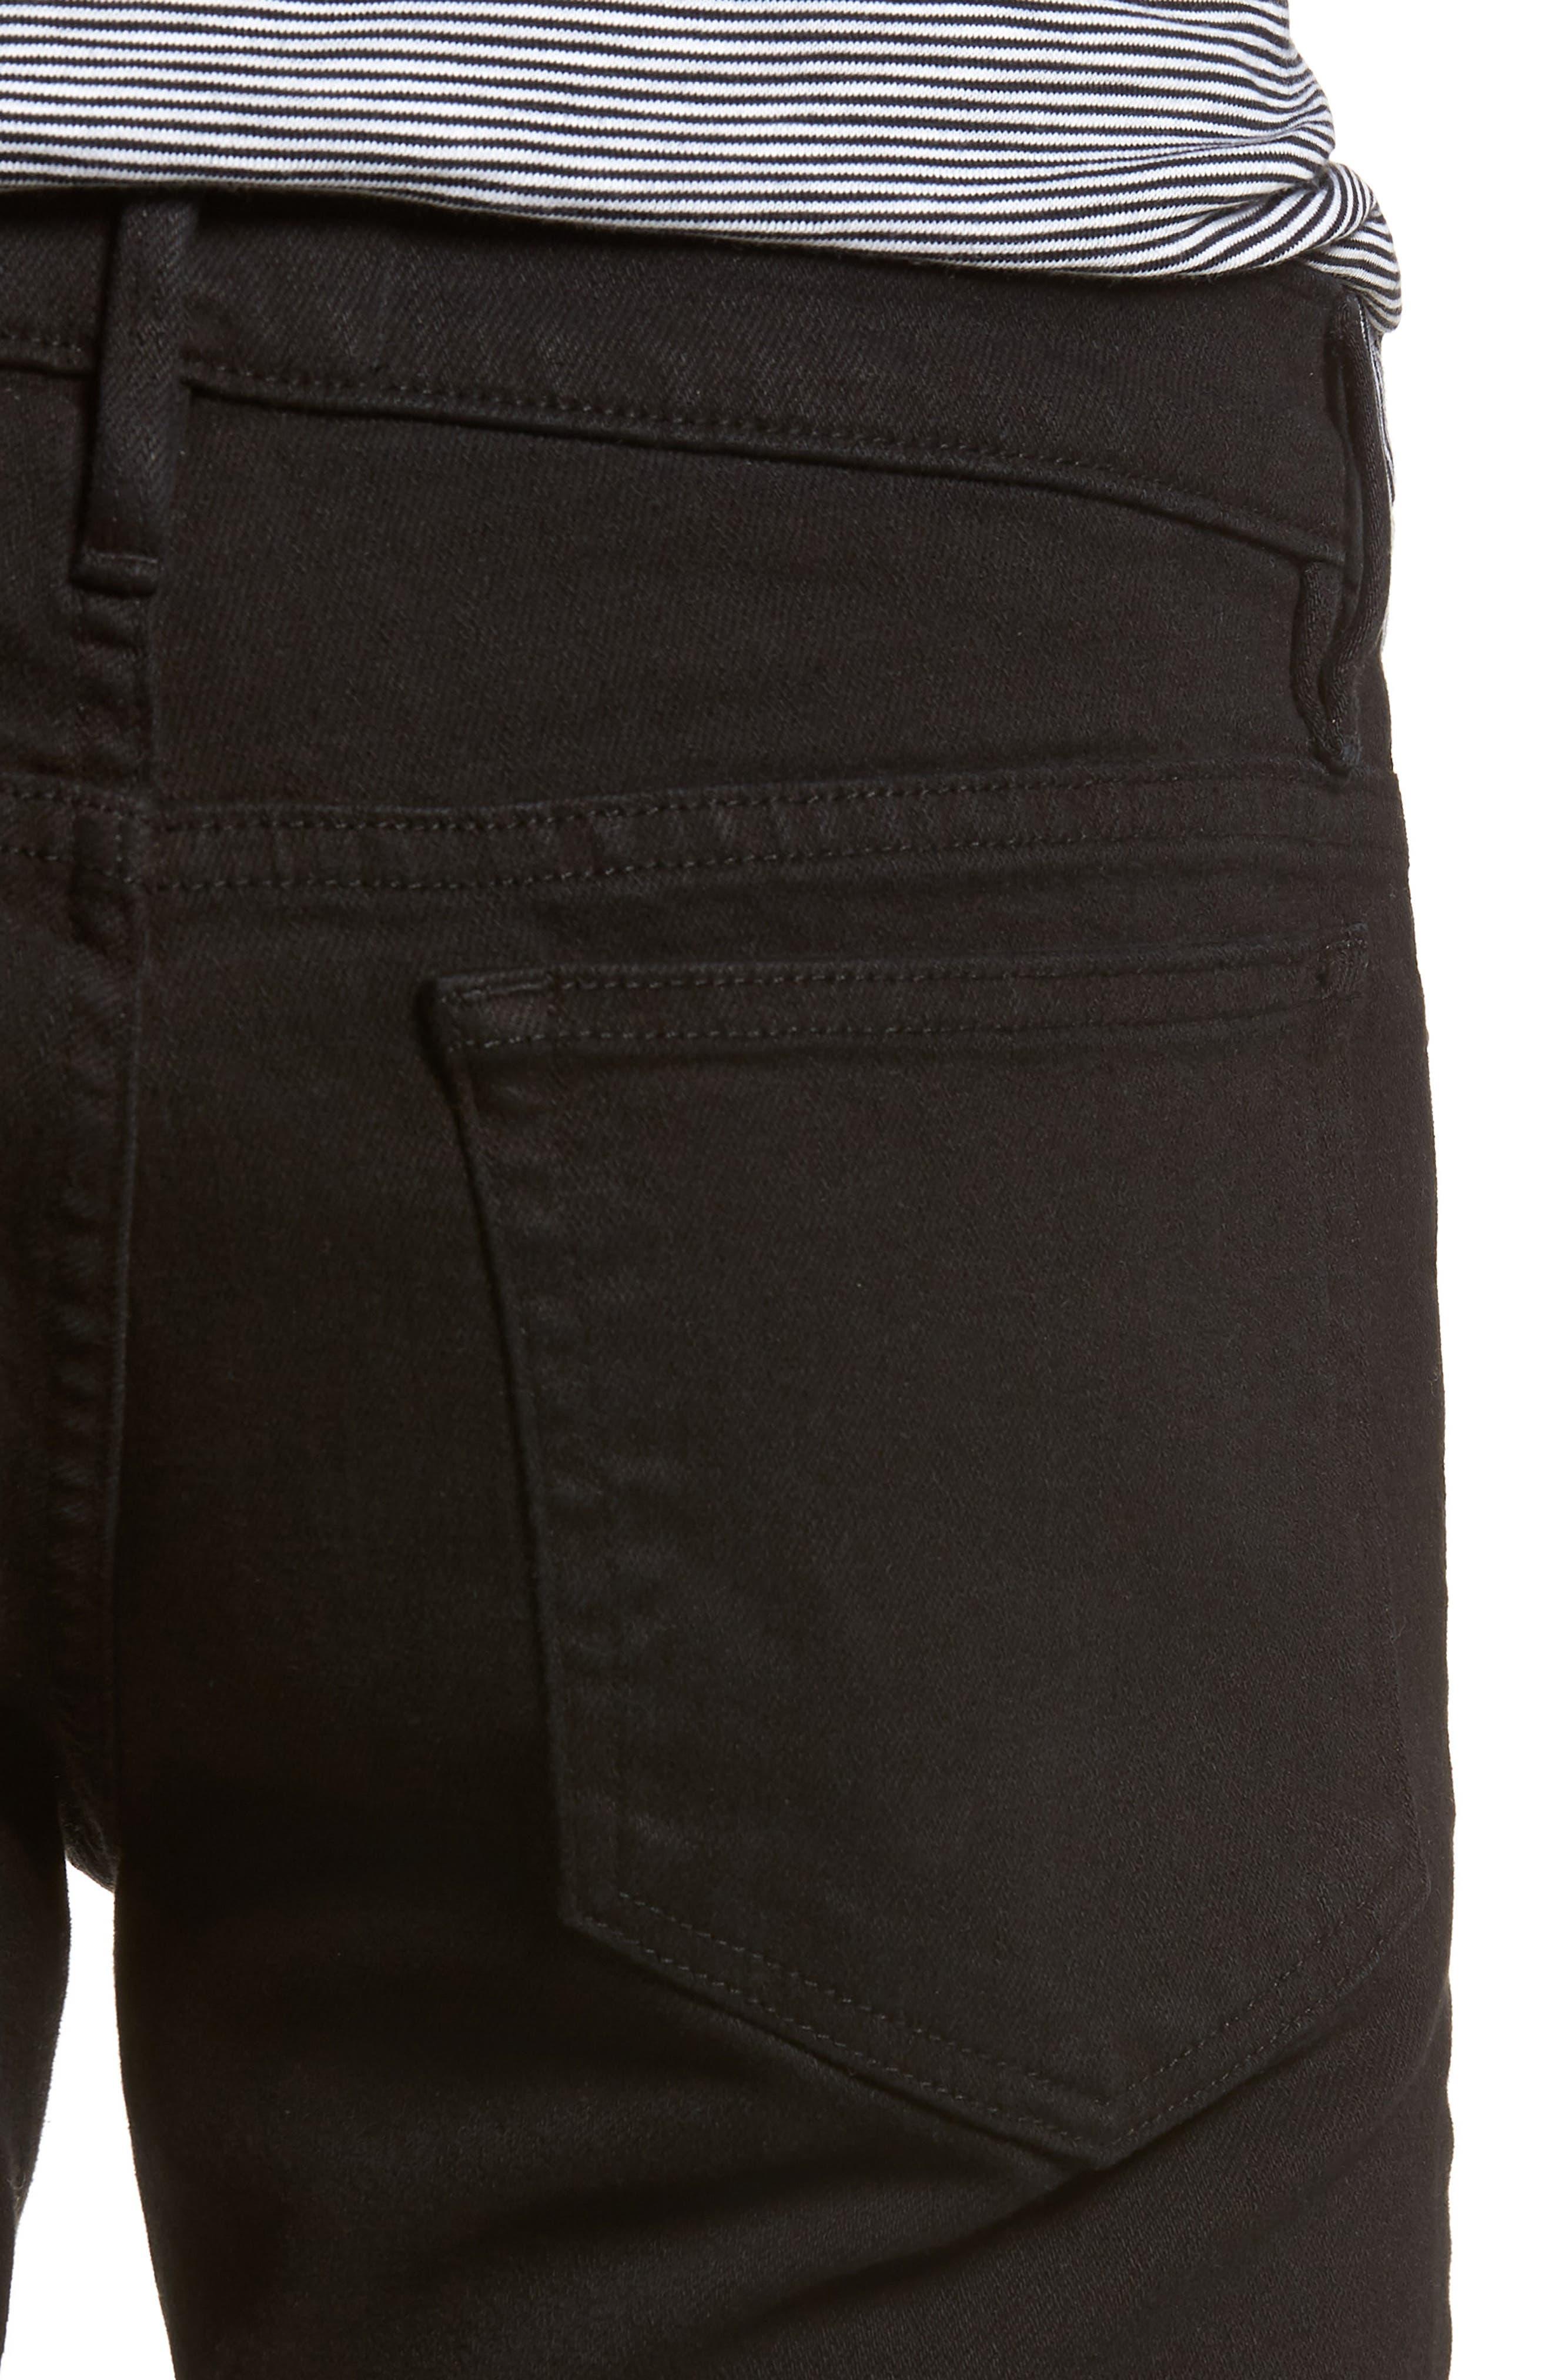 L'Homme Slim Fit Jeans,                             Alternate thumbnail 4, color,                             NOIR